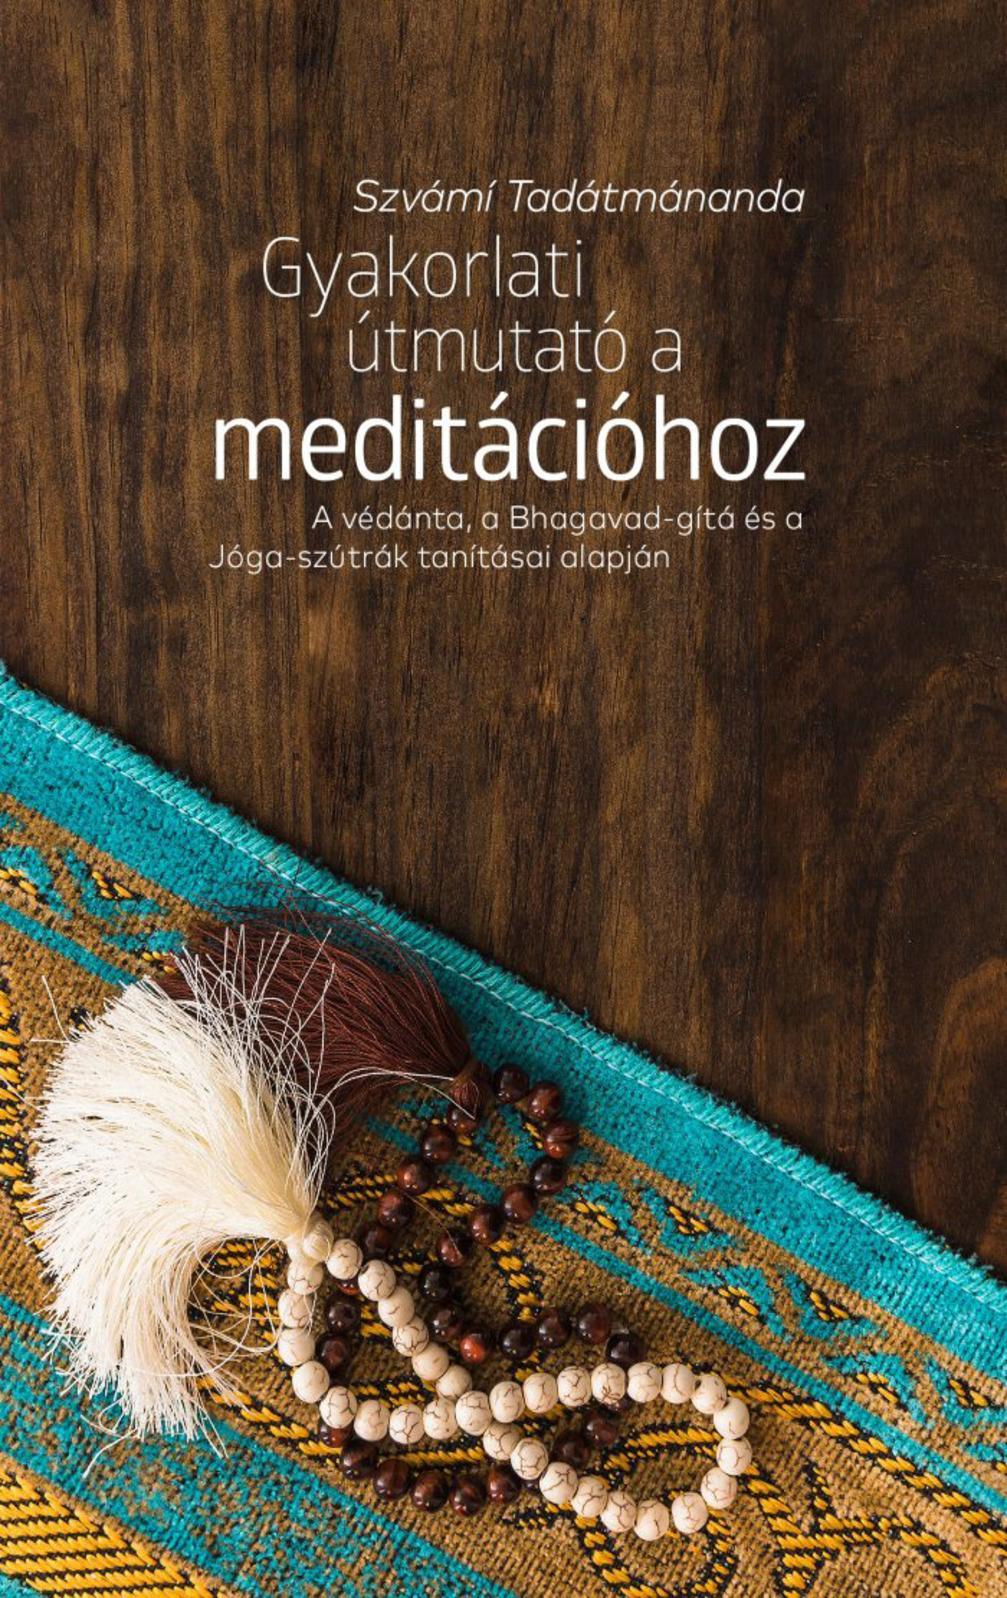 Könyv a látásra szolgáló gyakorlatokról, Zhdanov Előadások a videó helyreállításáról